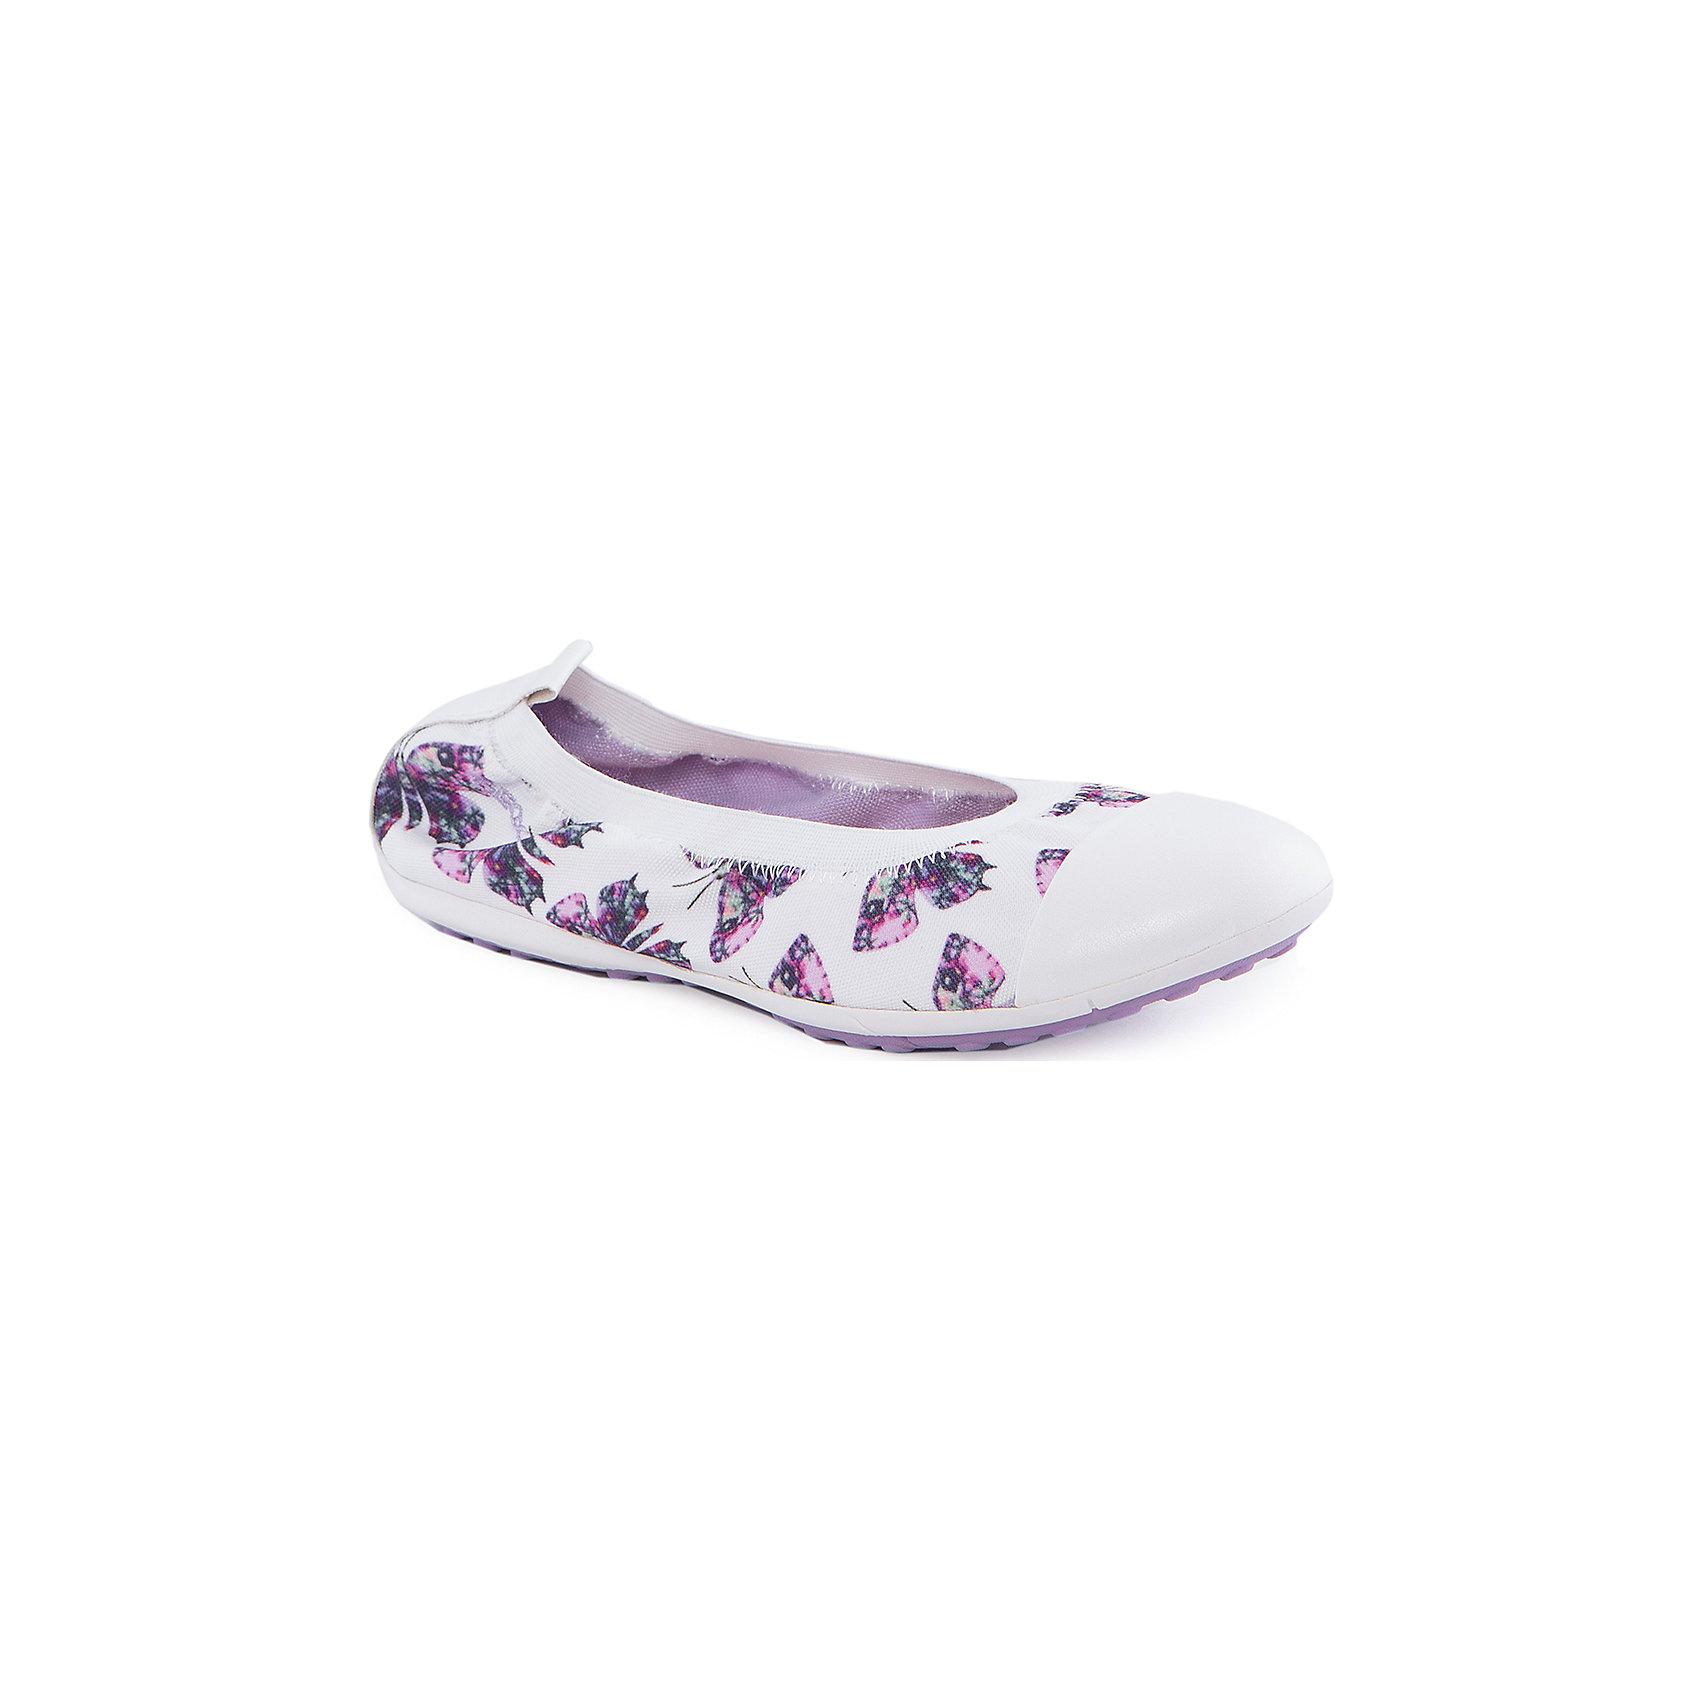 Балетки для девочки GeoxБалетки<br>Туфли для девочки от популярной марки GEOX (Геокс).<br><br>Легкие балетки с принтом - отличная обувь для нового весеннего сезона. Модель очень стильно и оригинально смотрится.<br>Производитель обуви заботится не только о внешнем виде, но и стабильно высоком качестве продукции. GEOX (Геокс) разработал специальную дышащую подошву, которая не пропускает влагу внутрь, а также высокотехнологичную стельку.<br><br>Отличительные особенности модели:<br><br>- цвет: белый;<br>- украшены принтом с бабочками;<br>- гибкая водоотталкивающая подошва с дышащей мембраной;<br>- мягкий и легкий верх;<br>- защита пальцев;<br>- стильный дизайн;<br>- без застежек;<br>- комфортное облегание;<br>- верх обуви и подкладка сделаны без использования хрома.<br><br>Дополнительная информация:<br><br>Состав:<br><br>материал верха: текстиль, синтетический материал<br>материал подкладки: текстиль<br>подошва: 100% резина<br><br>Туфли для девочки GEOX (Геокс) (Геокс) можно купить в нашем магазине.<br><br>Ширина мм: 227<br>Глубина мм: 145<br>Высота мм: 124<br>Вес г: 325<br>Цвет: белый<br>Возраст от месяцев: 84<br>Возраст до месяцев: 96<br>Пол: Женский<br>Возраст: Детский<br>Размер: 31,28,30,35,36,33,38,29,39,37,34,32<br>SKU: 4519302